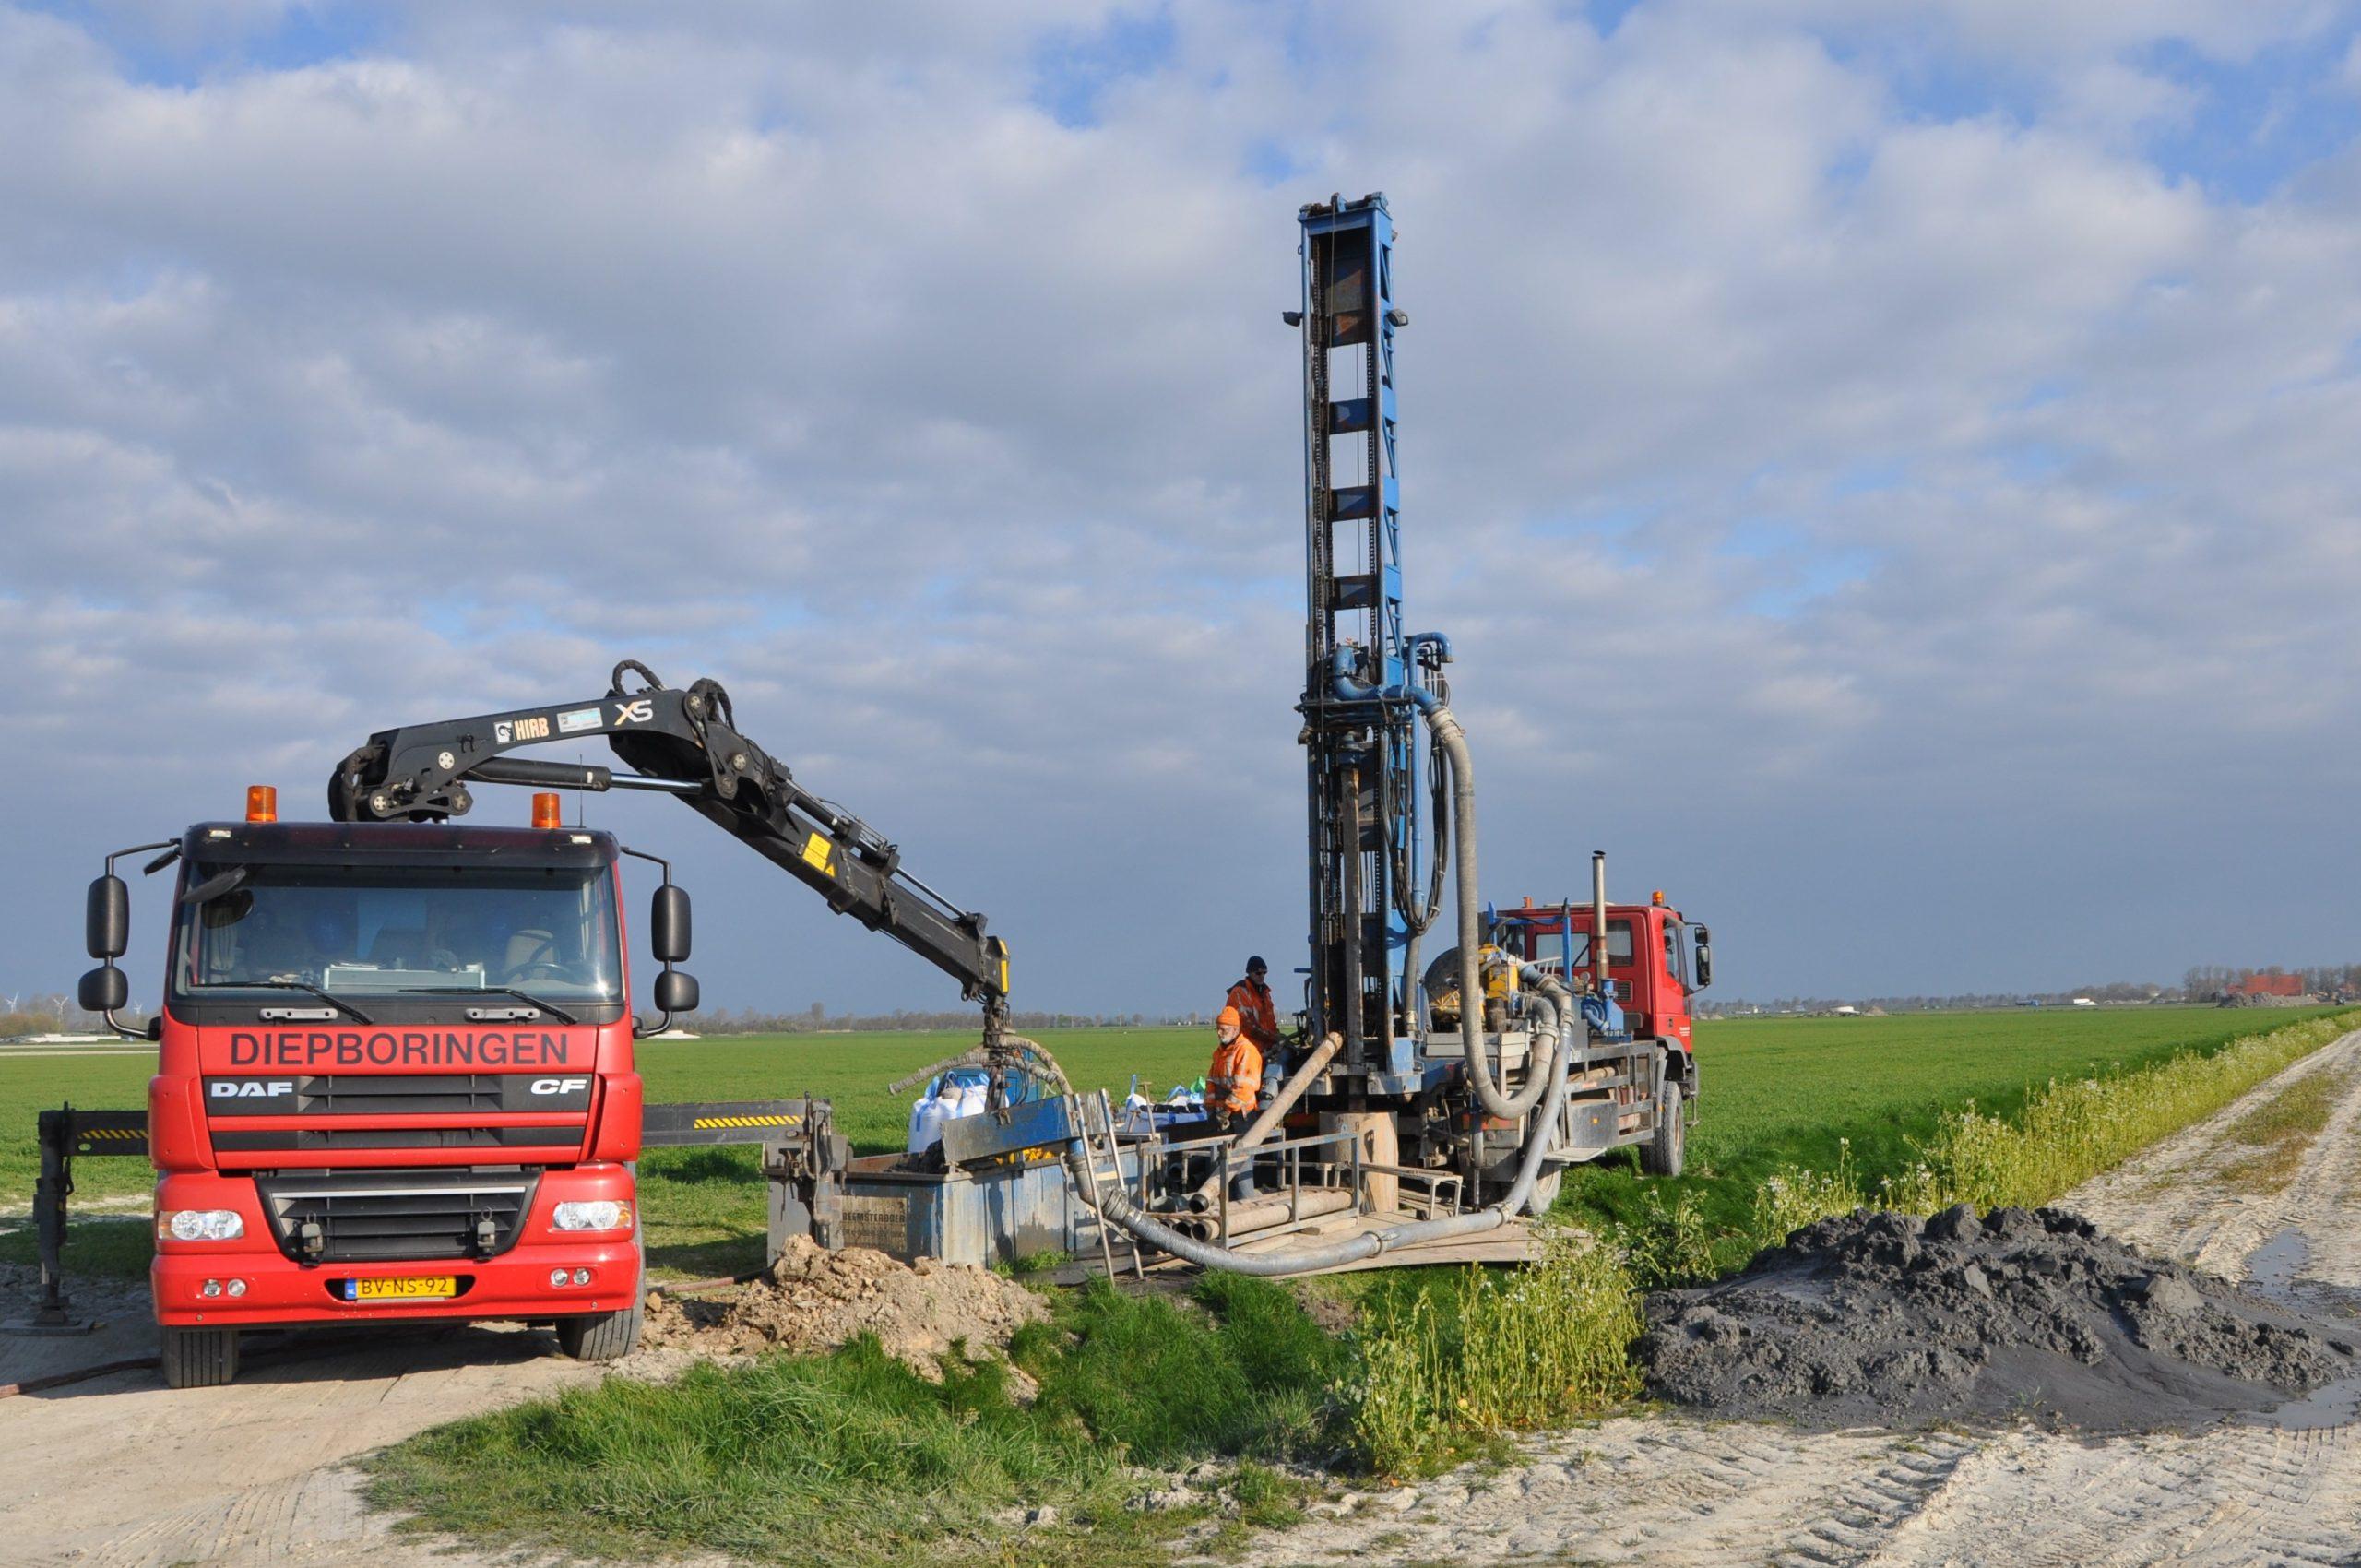 Beemsterboer bbs | grondboring, bronbemaling & sonderingen